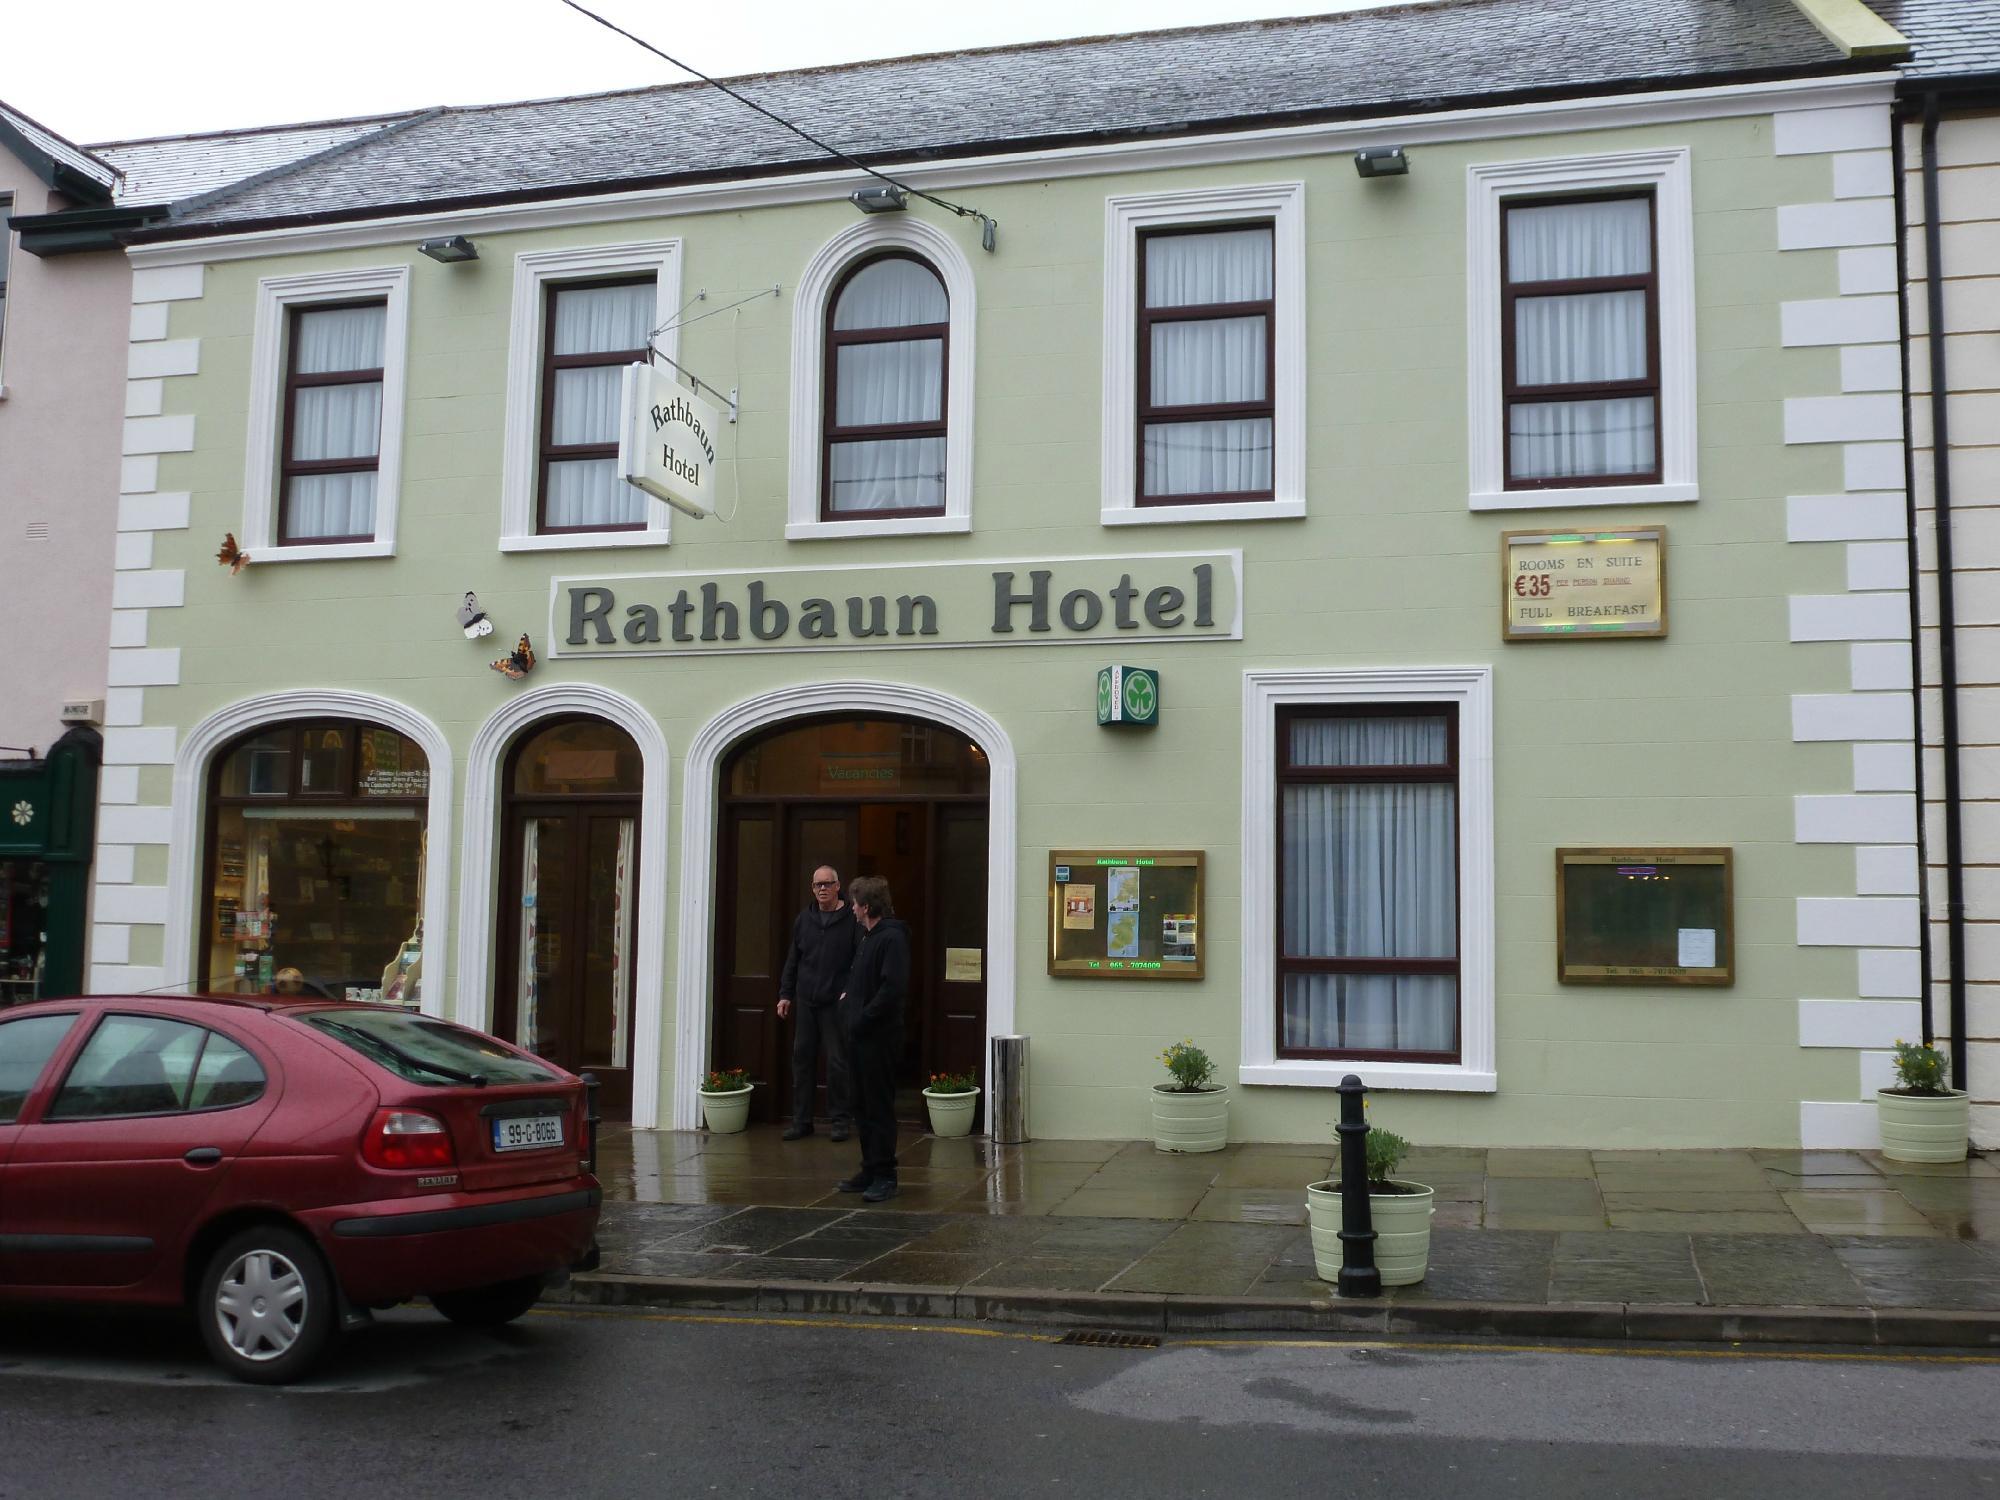 ラースバウン ホテル